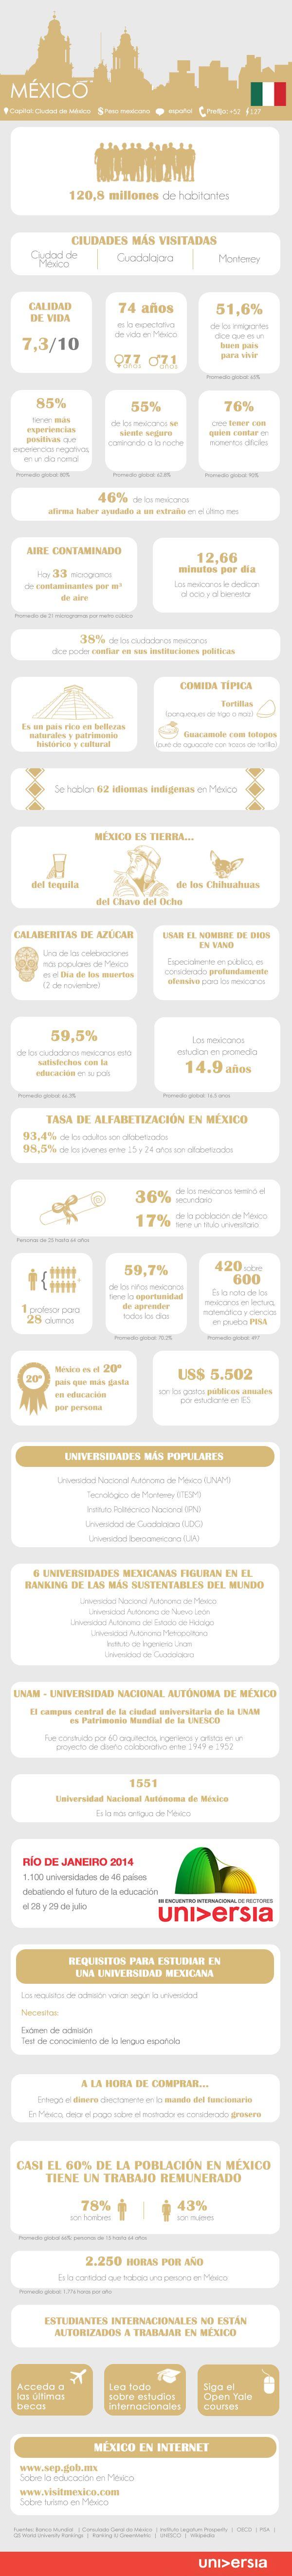 México es una de las economías hispanohablantes más fuertes y es un destino cada vez más visitado por jóvenes de todas partes del mundo. Por ello, si piensas viajar para trabajar o estudiar, descubre más acerca del país latinoamericano en la siguiente infografía.